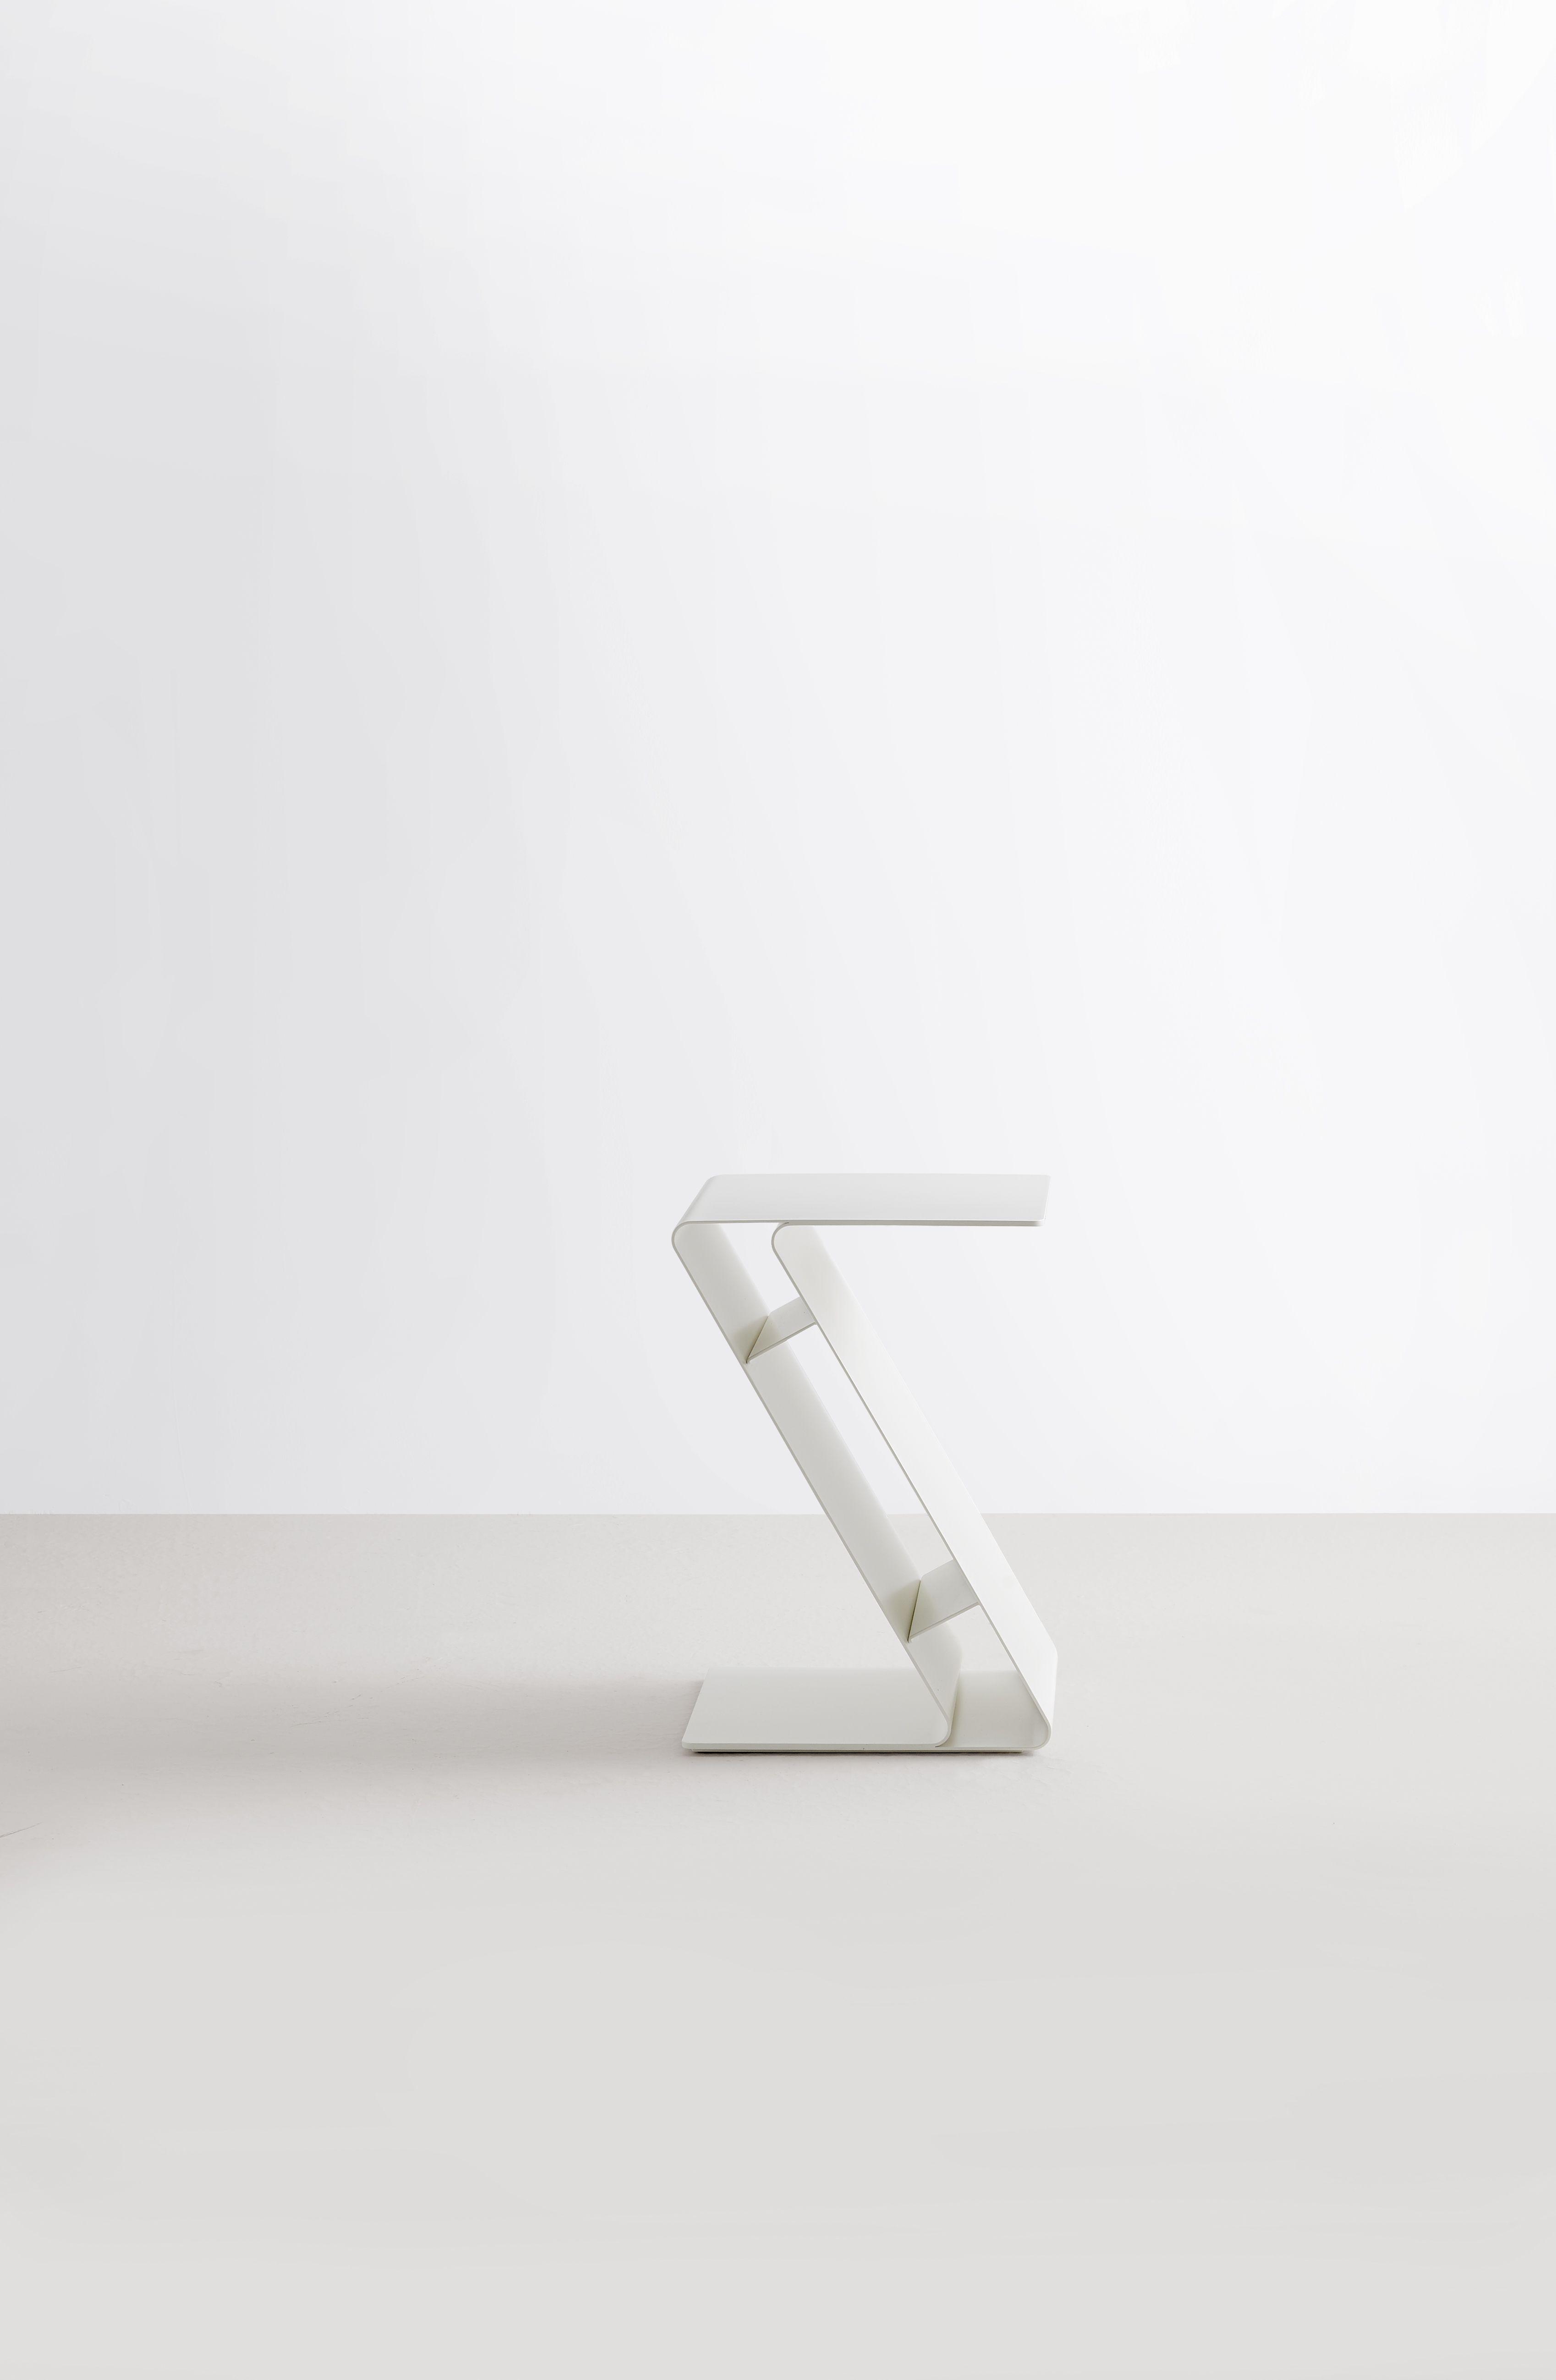 Möbeldesign Köln tip beistelltisch für mox design by philipp günther prototype for